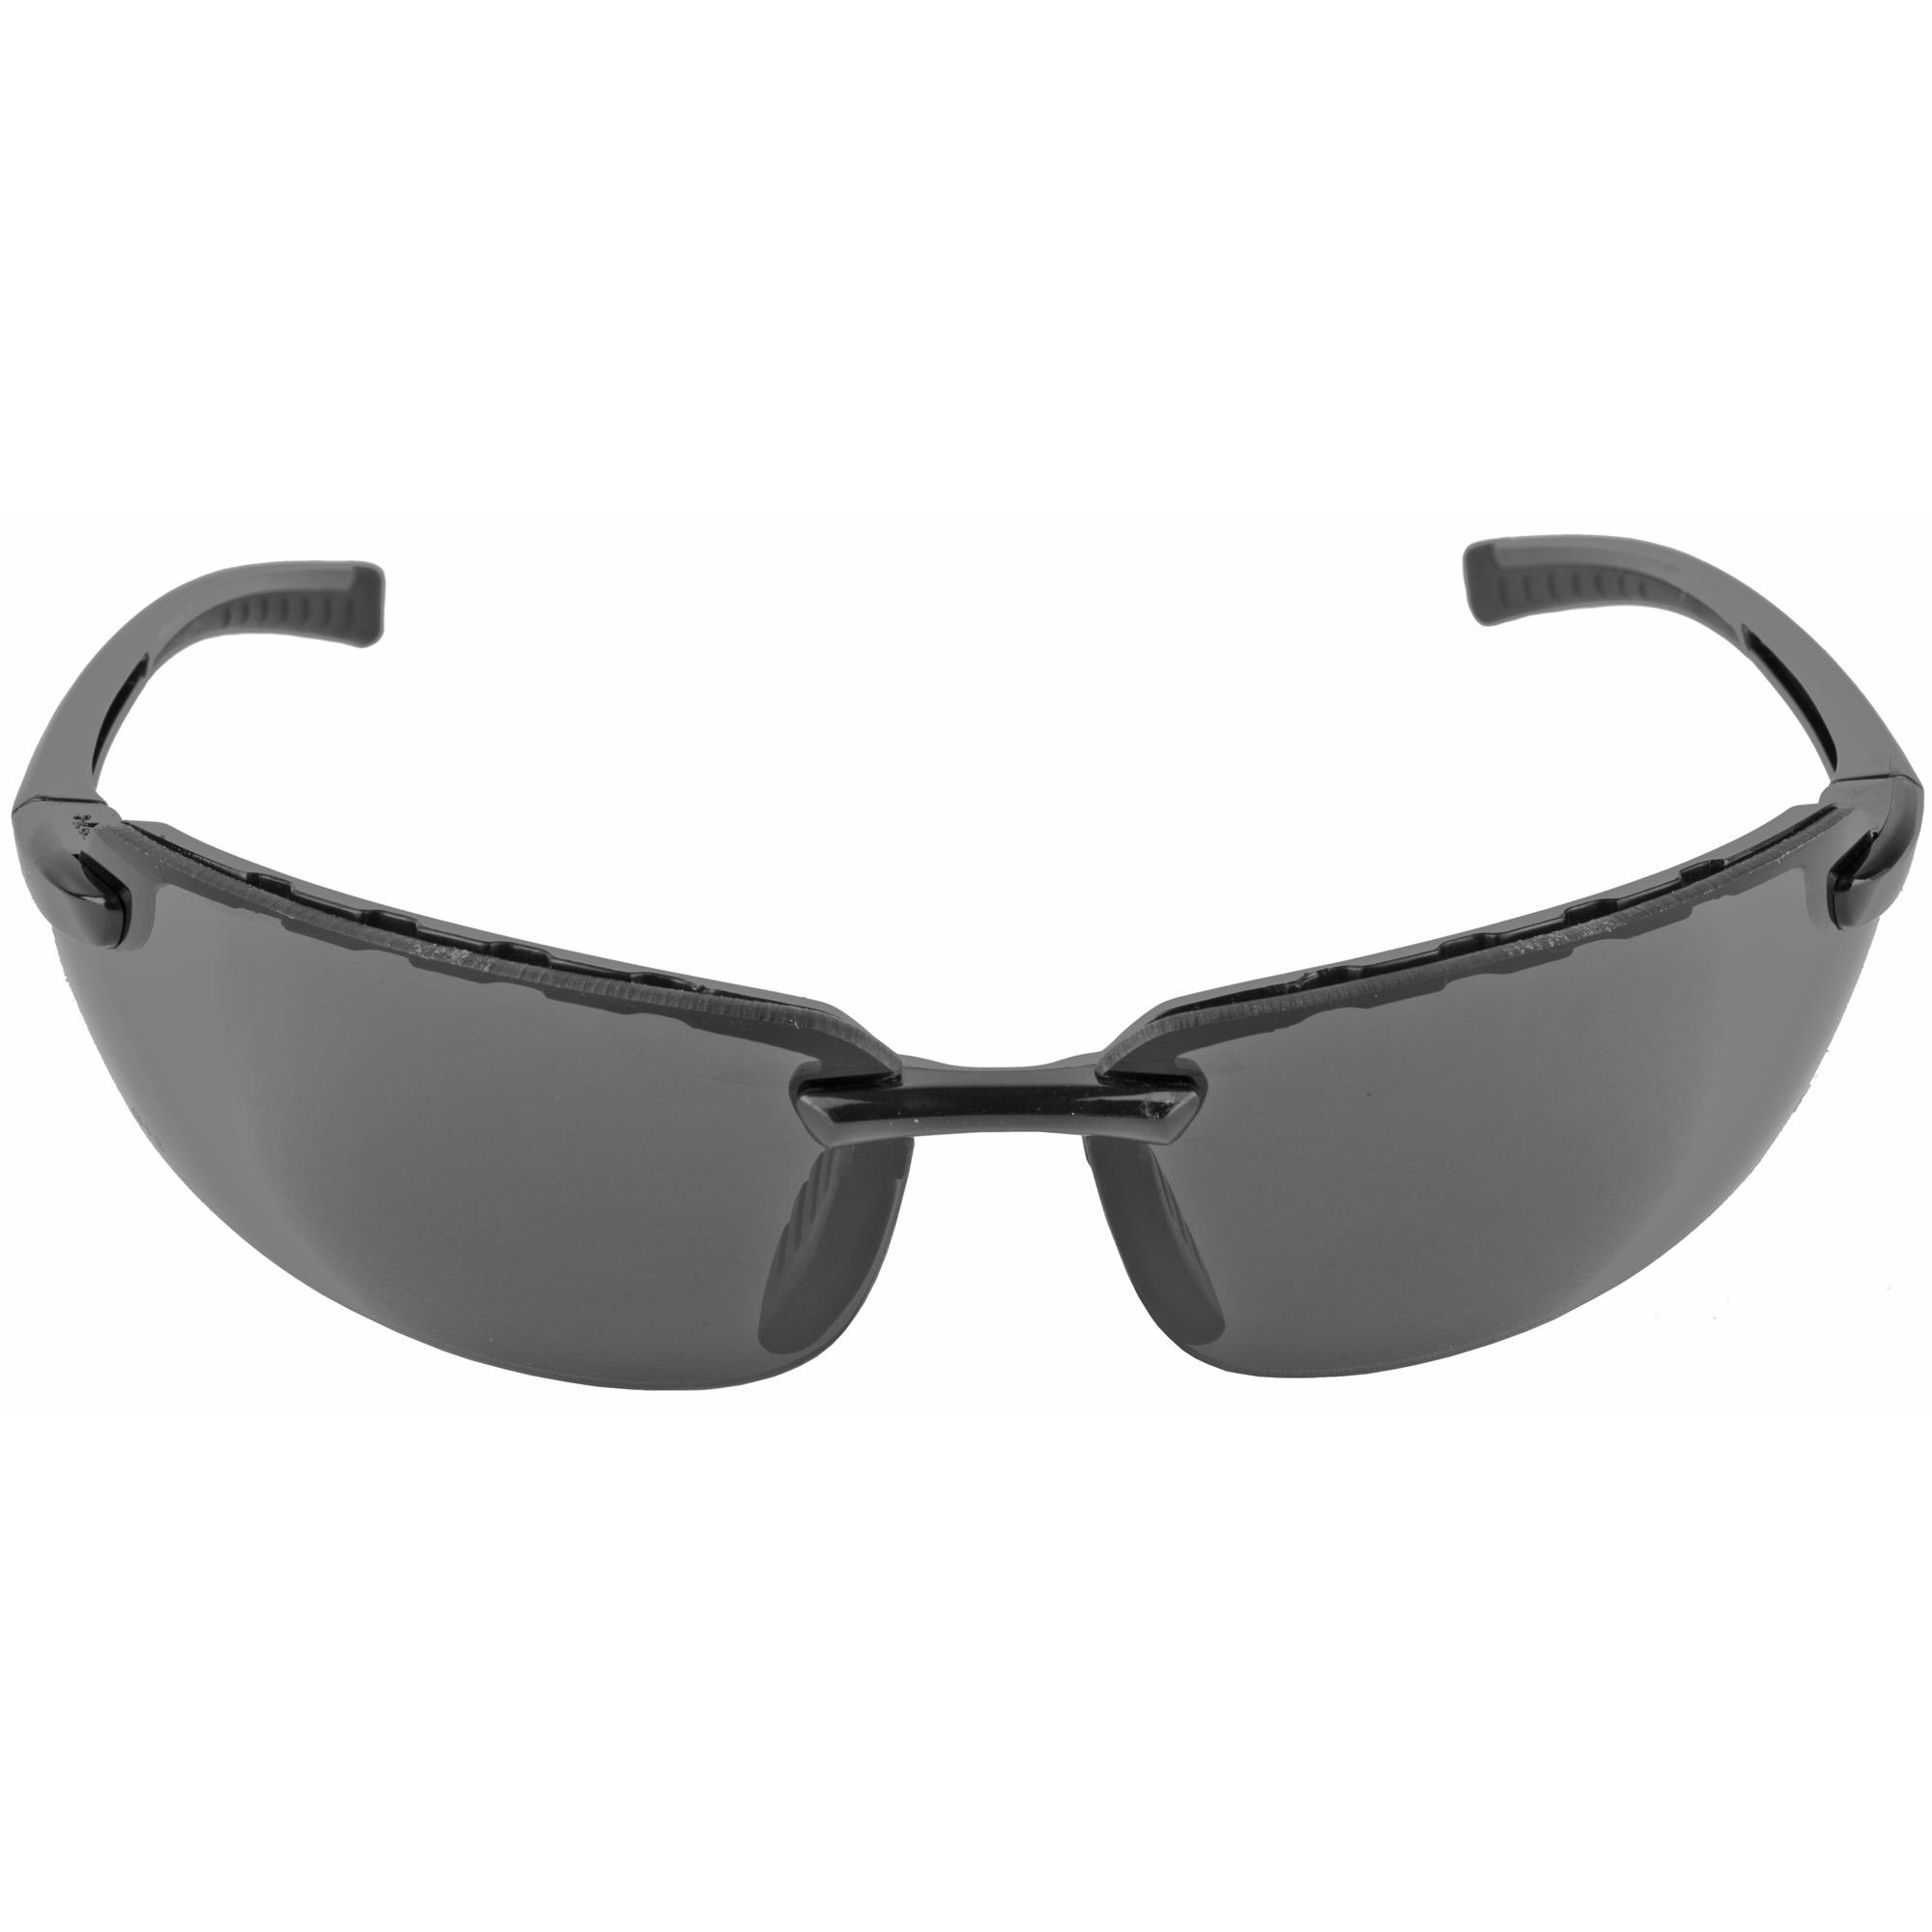 Walkers 8261 Premium Glasses Smoke